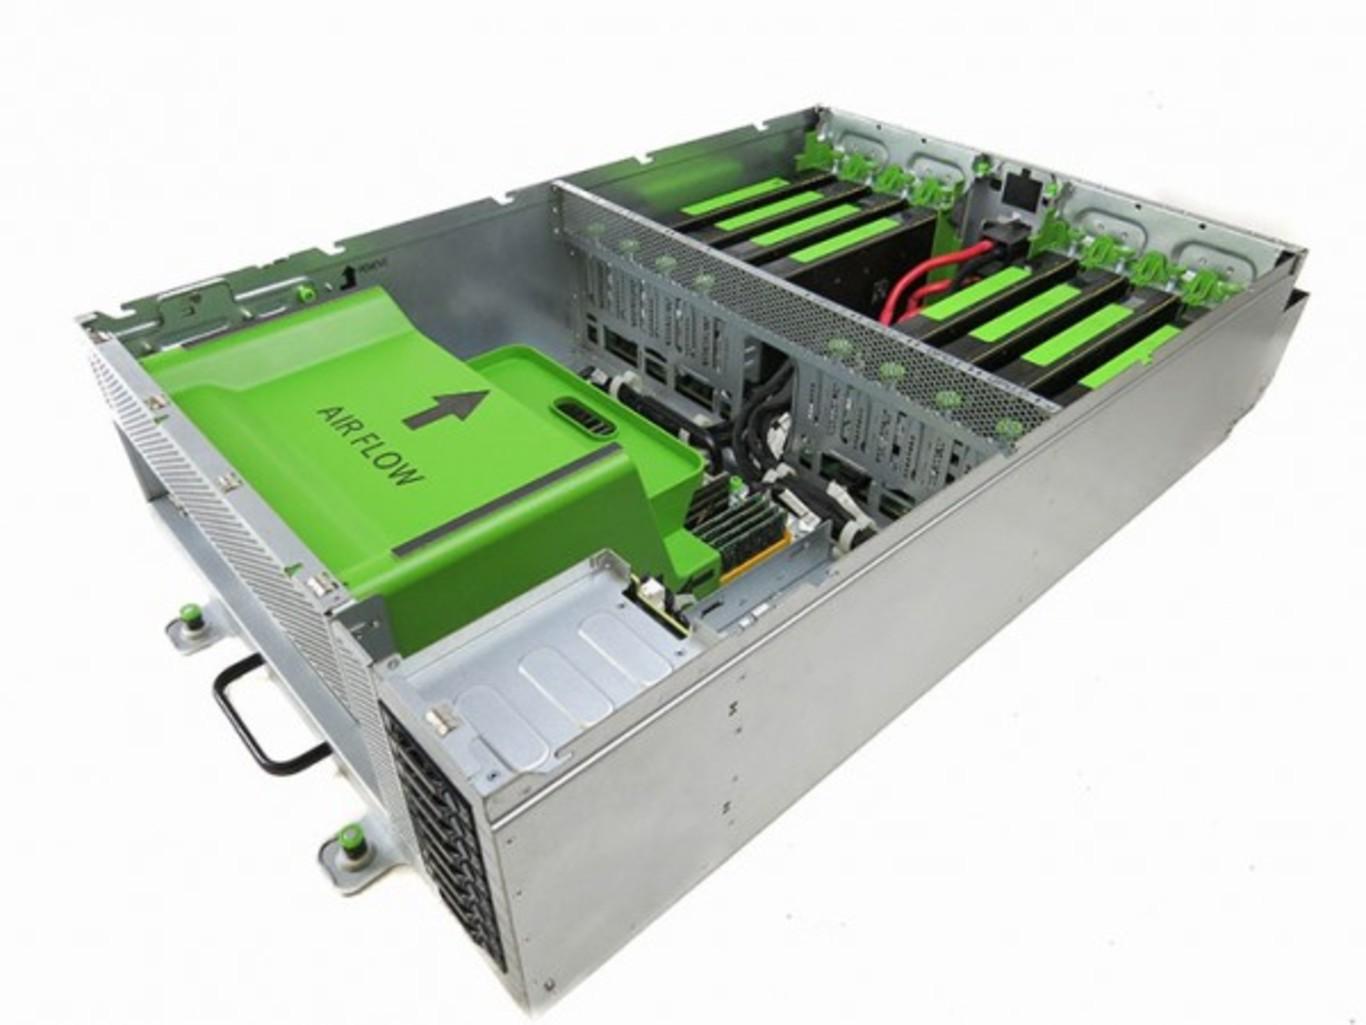 Facebook Big Sur server containing 8 Nvidia Teslag M40 GPUs. - Image Credit Facebook